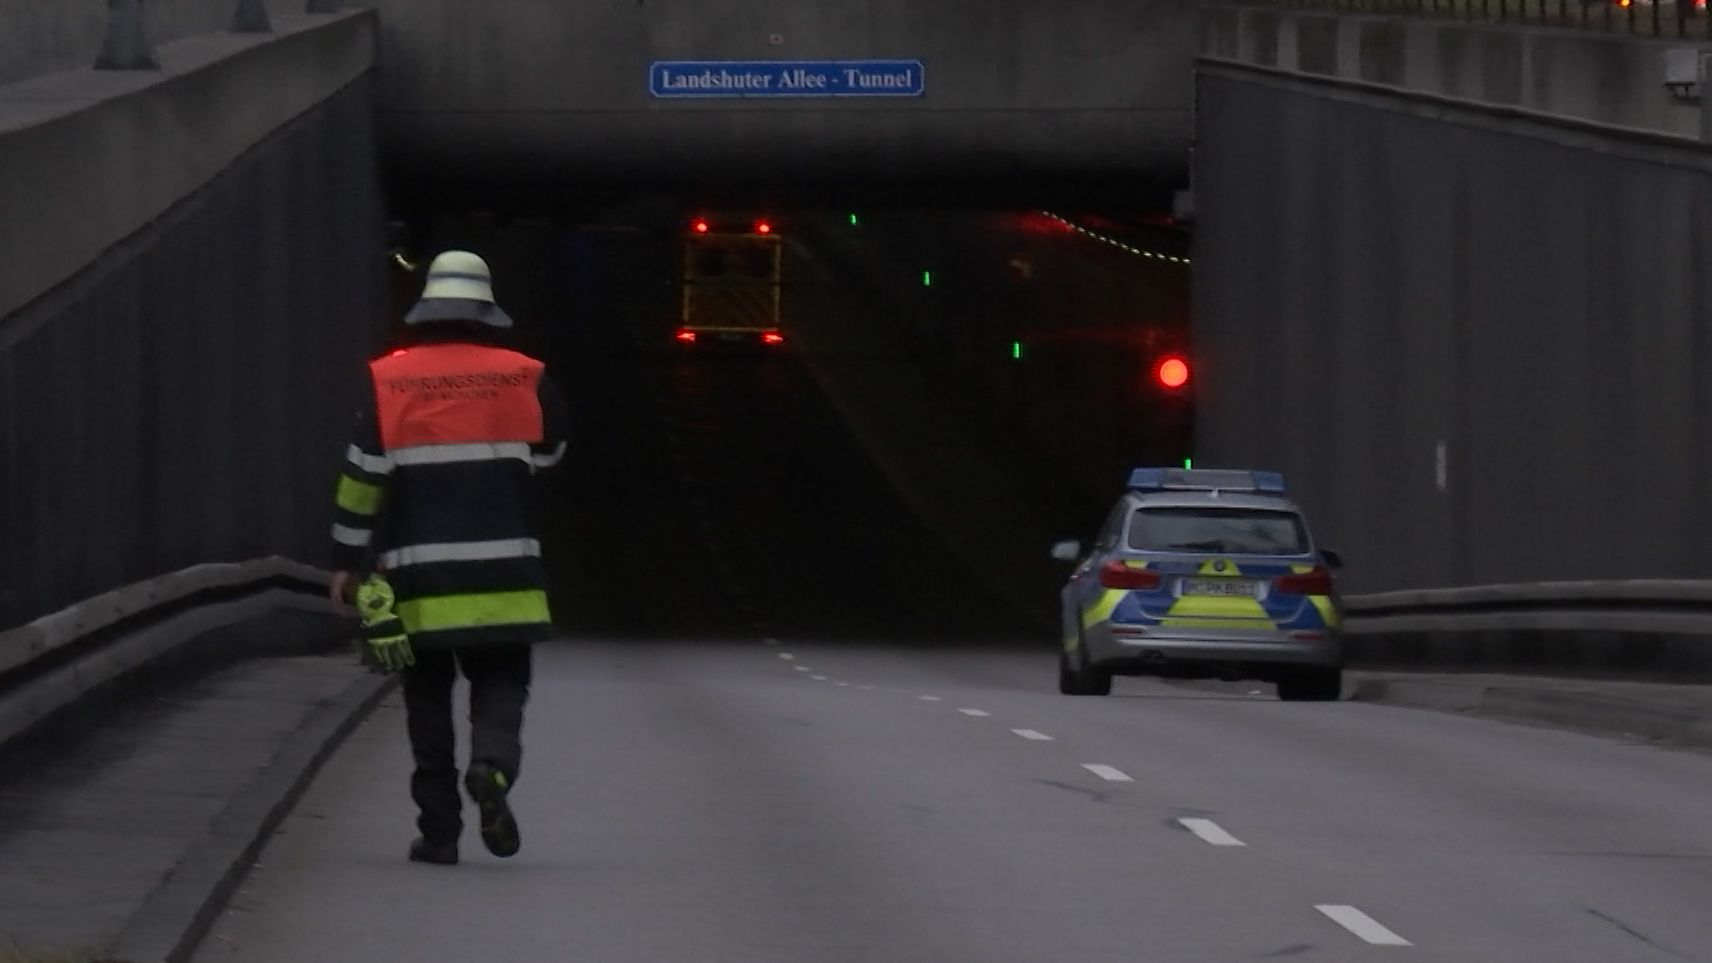 Feuerwehrmann auf dem Weg in den Tunnel